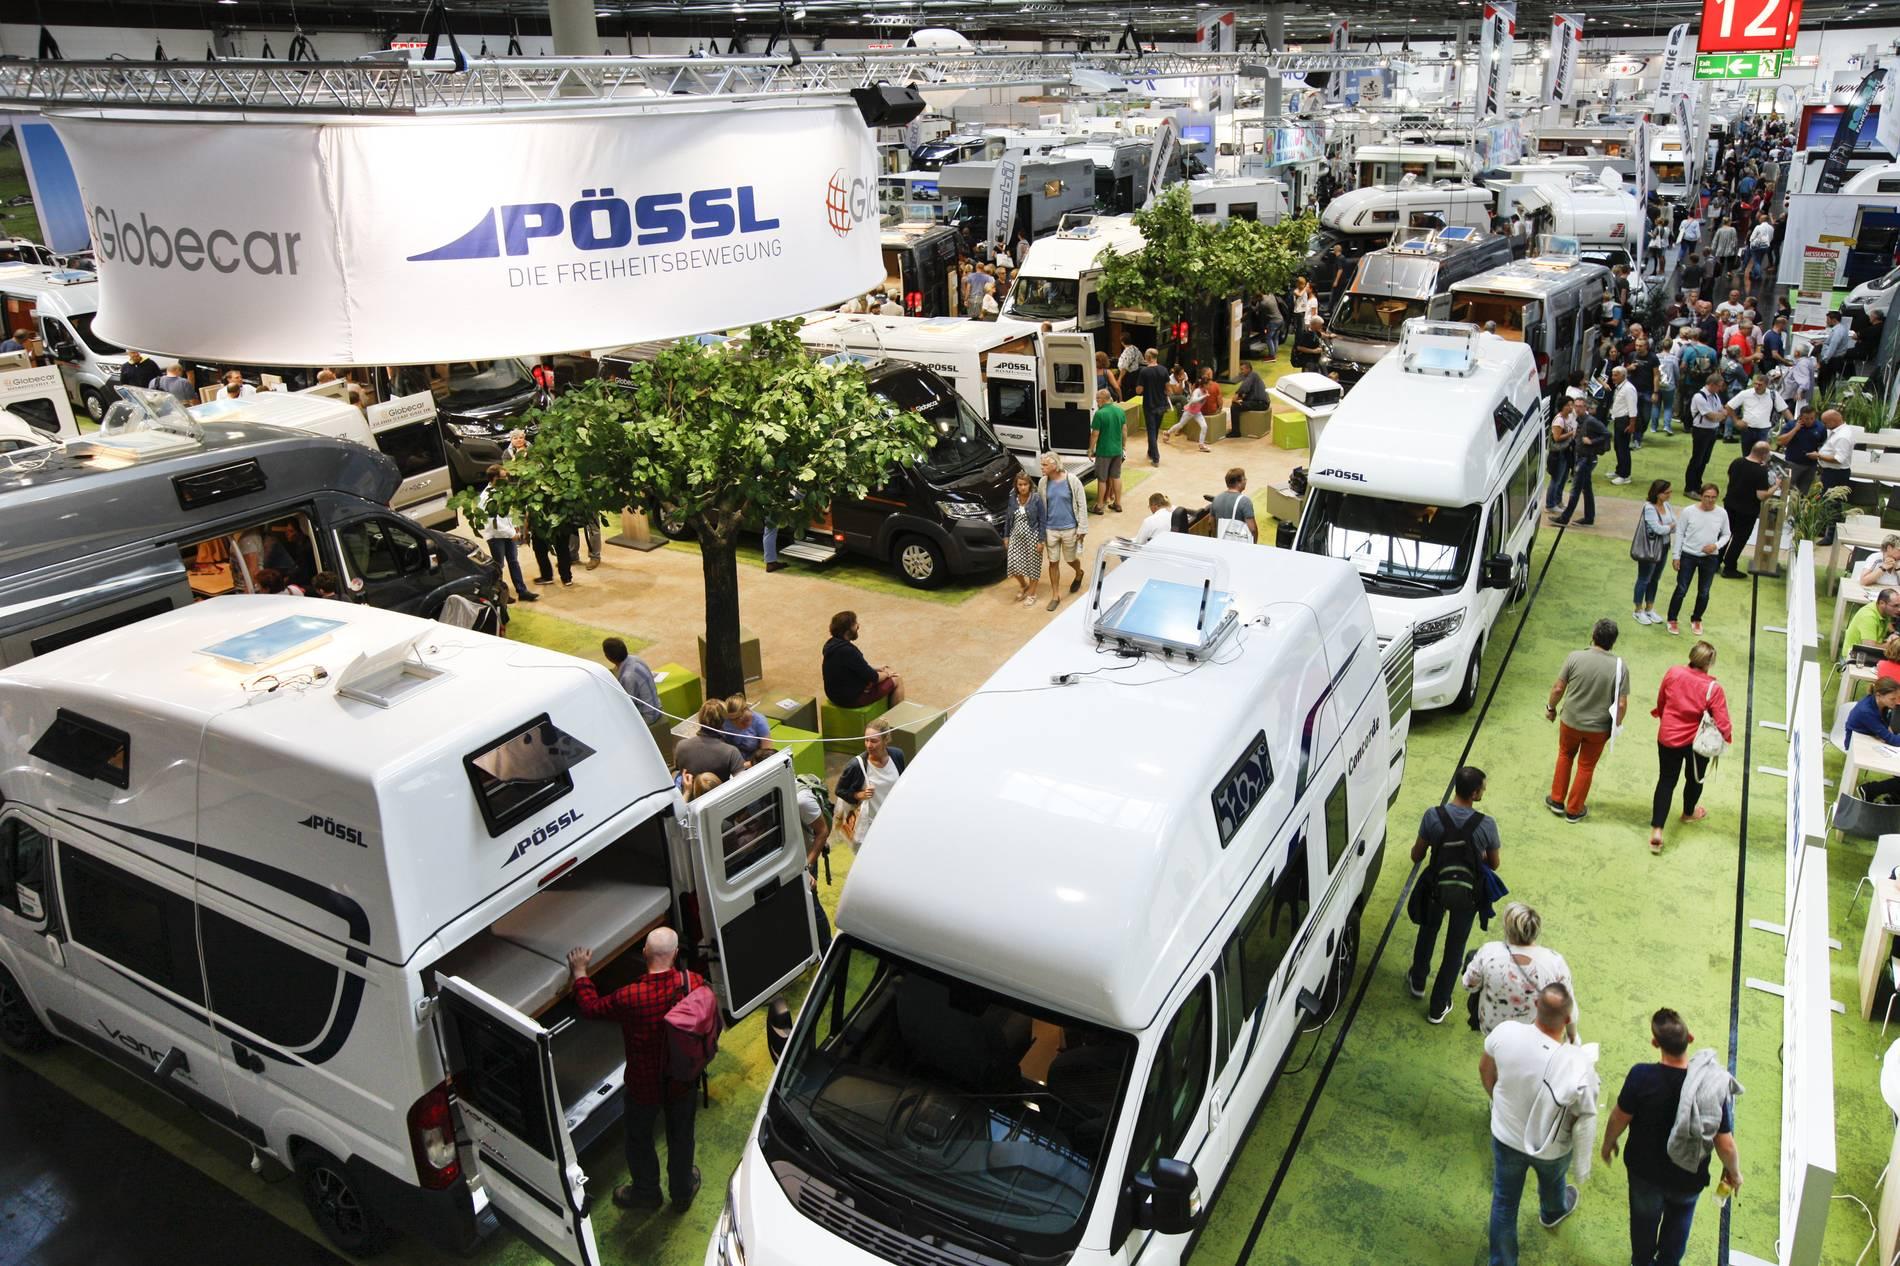 Caravan-Salon 9: Messe startet in Düsseldorf jetzt im September